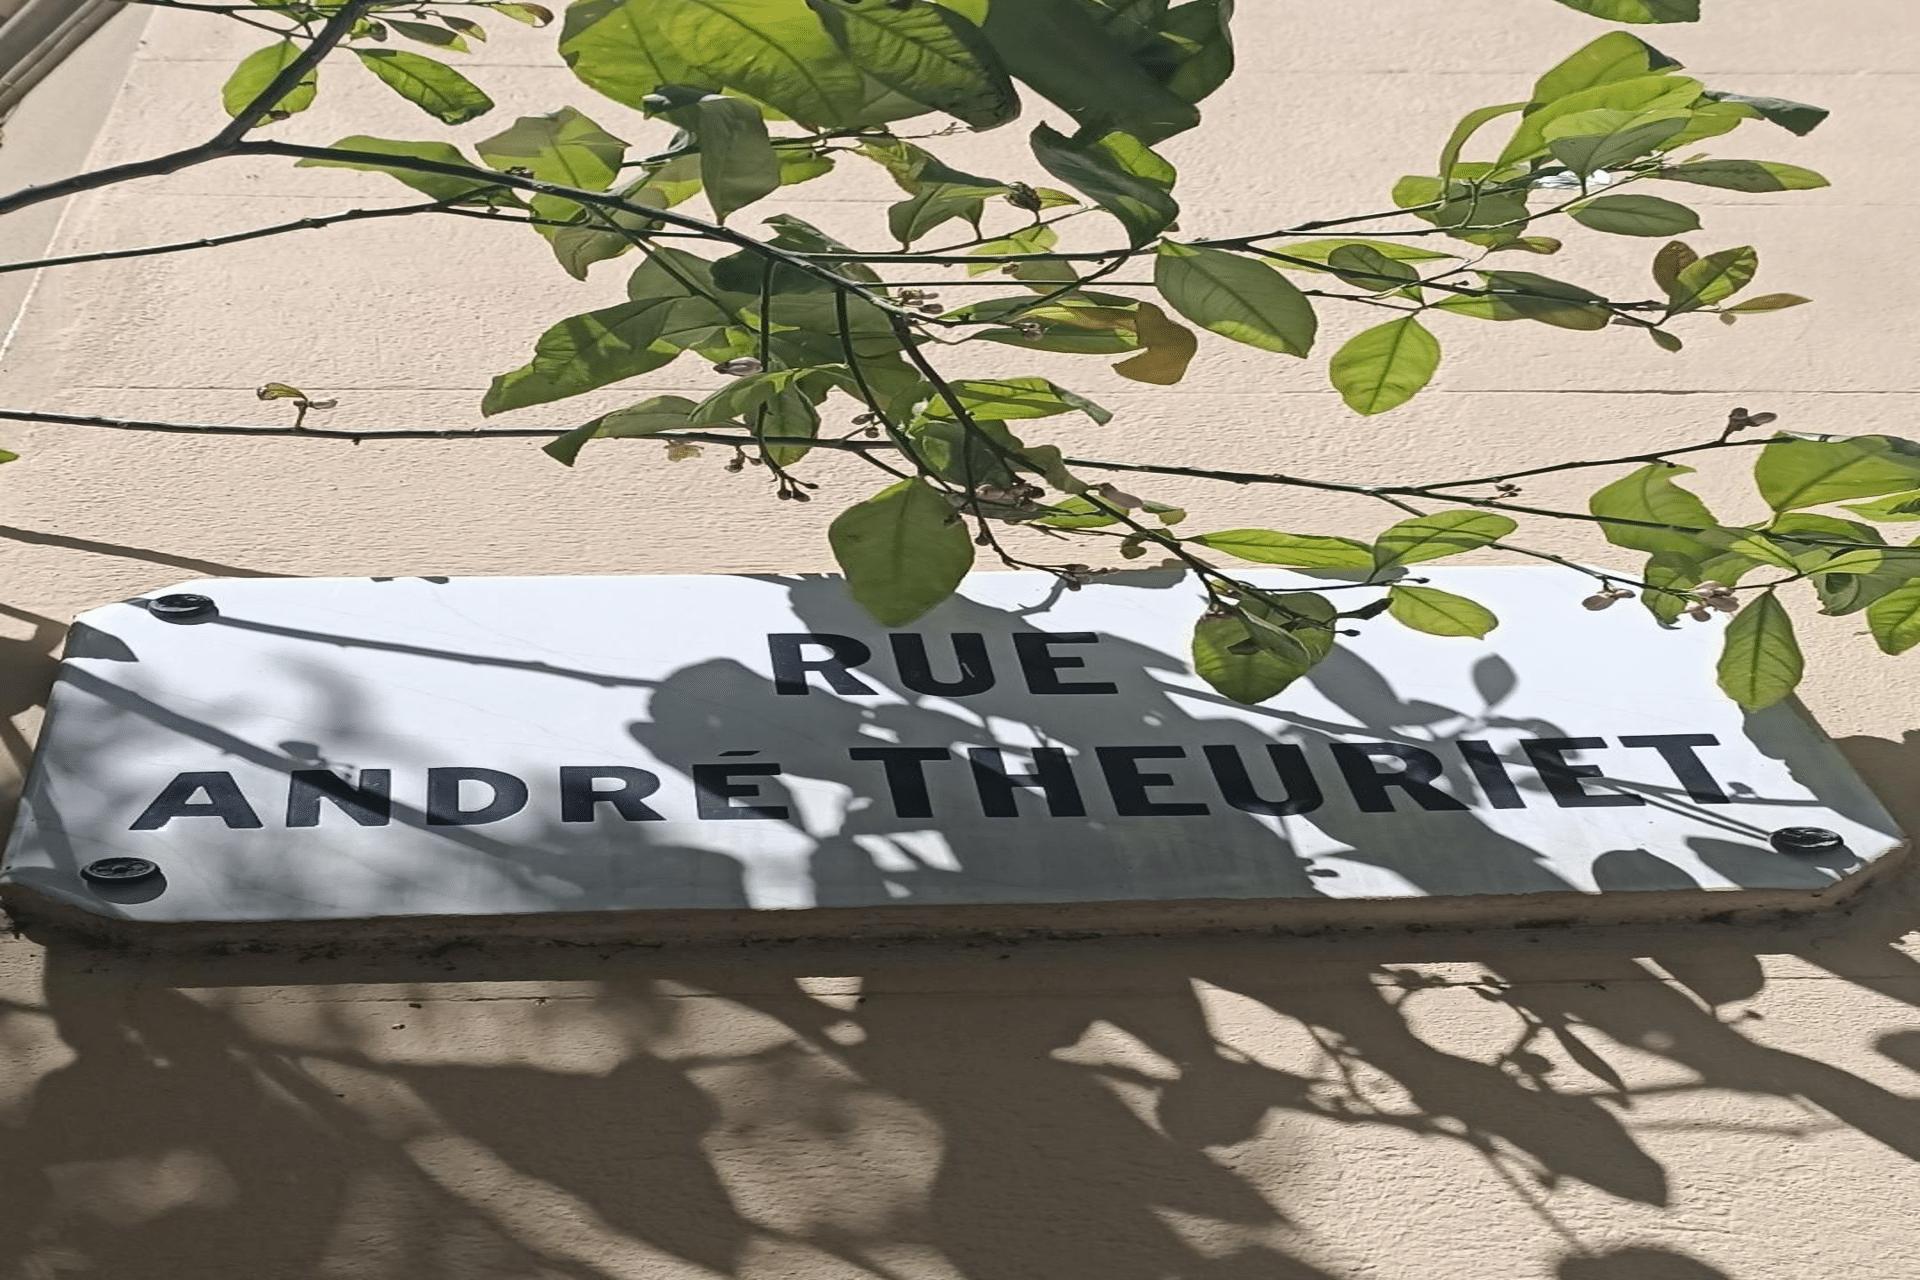 La rue André Theuriet à Nice : qui était ce personnage ?